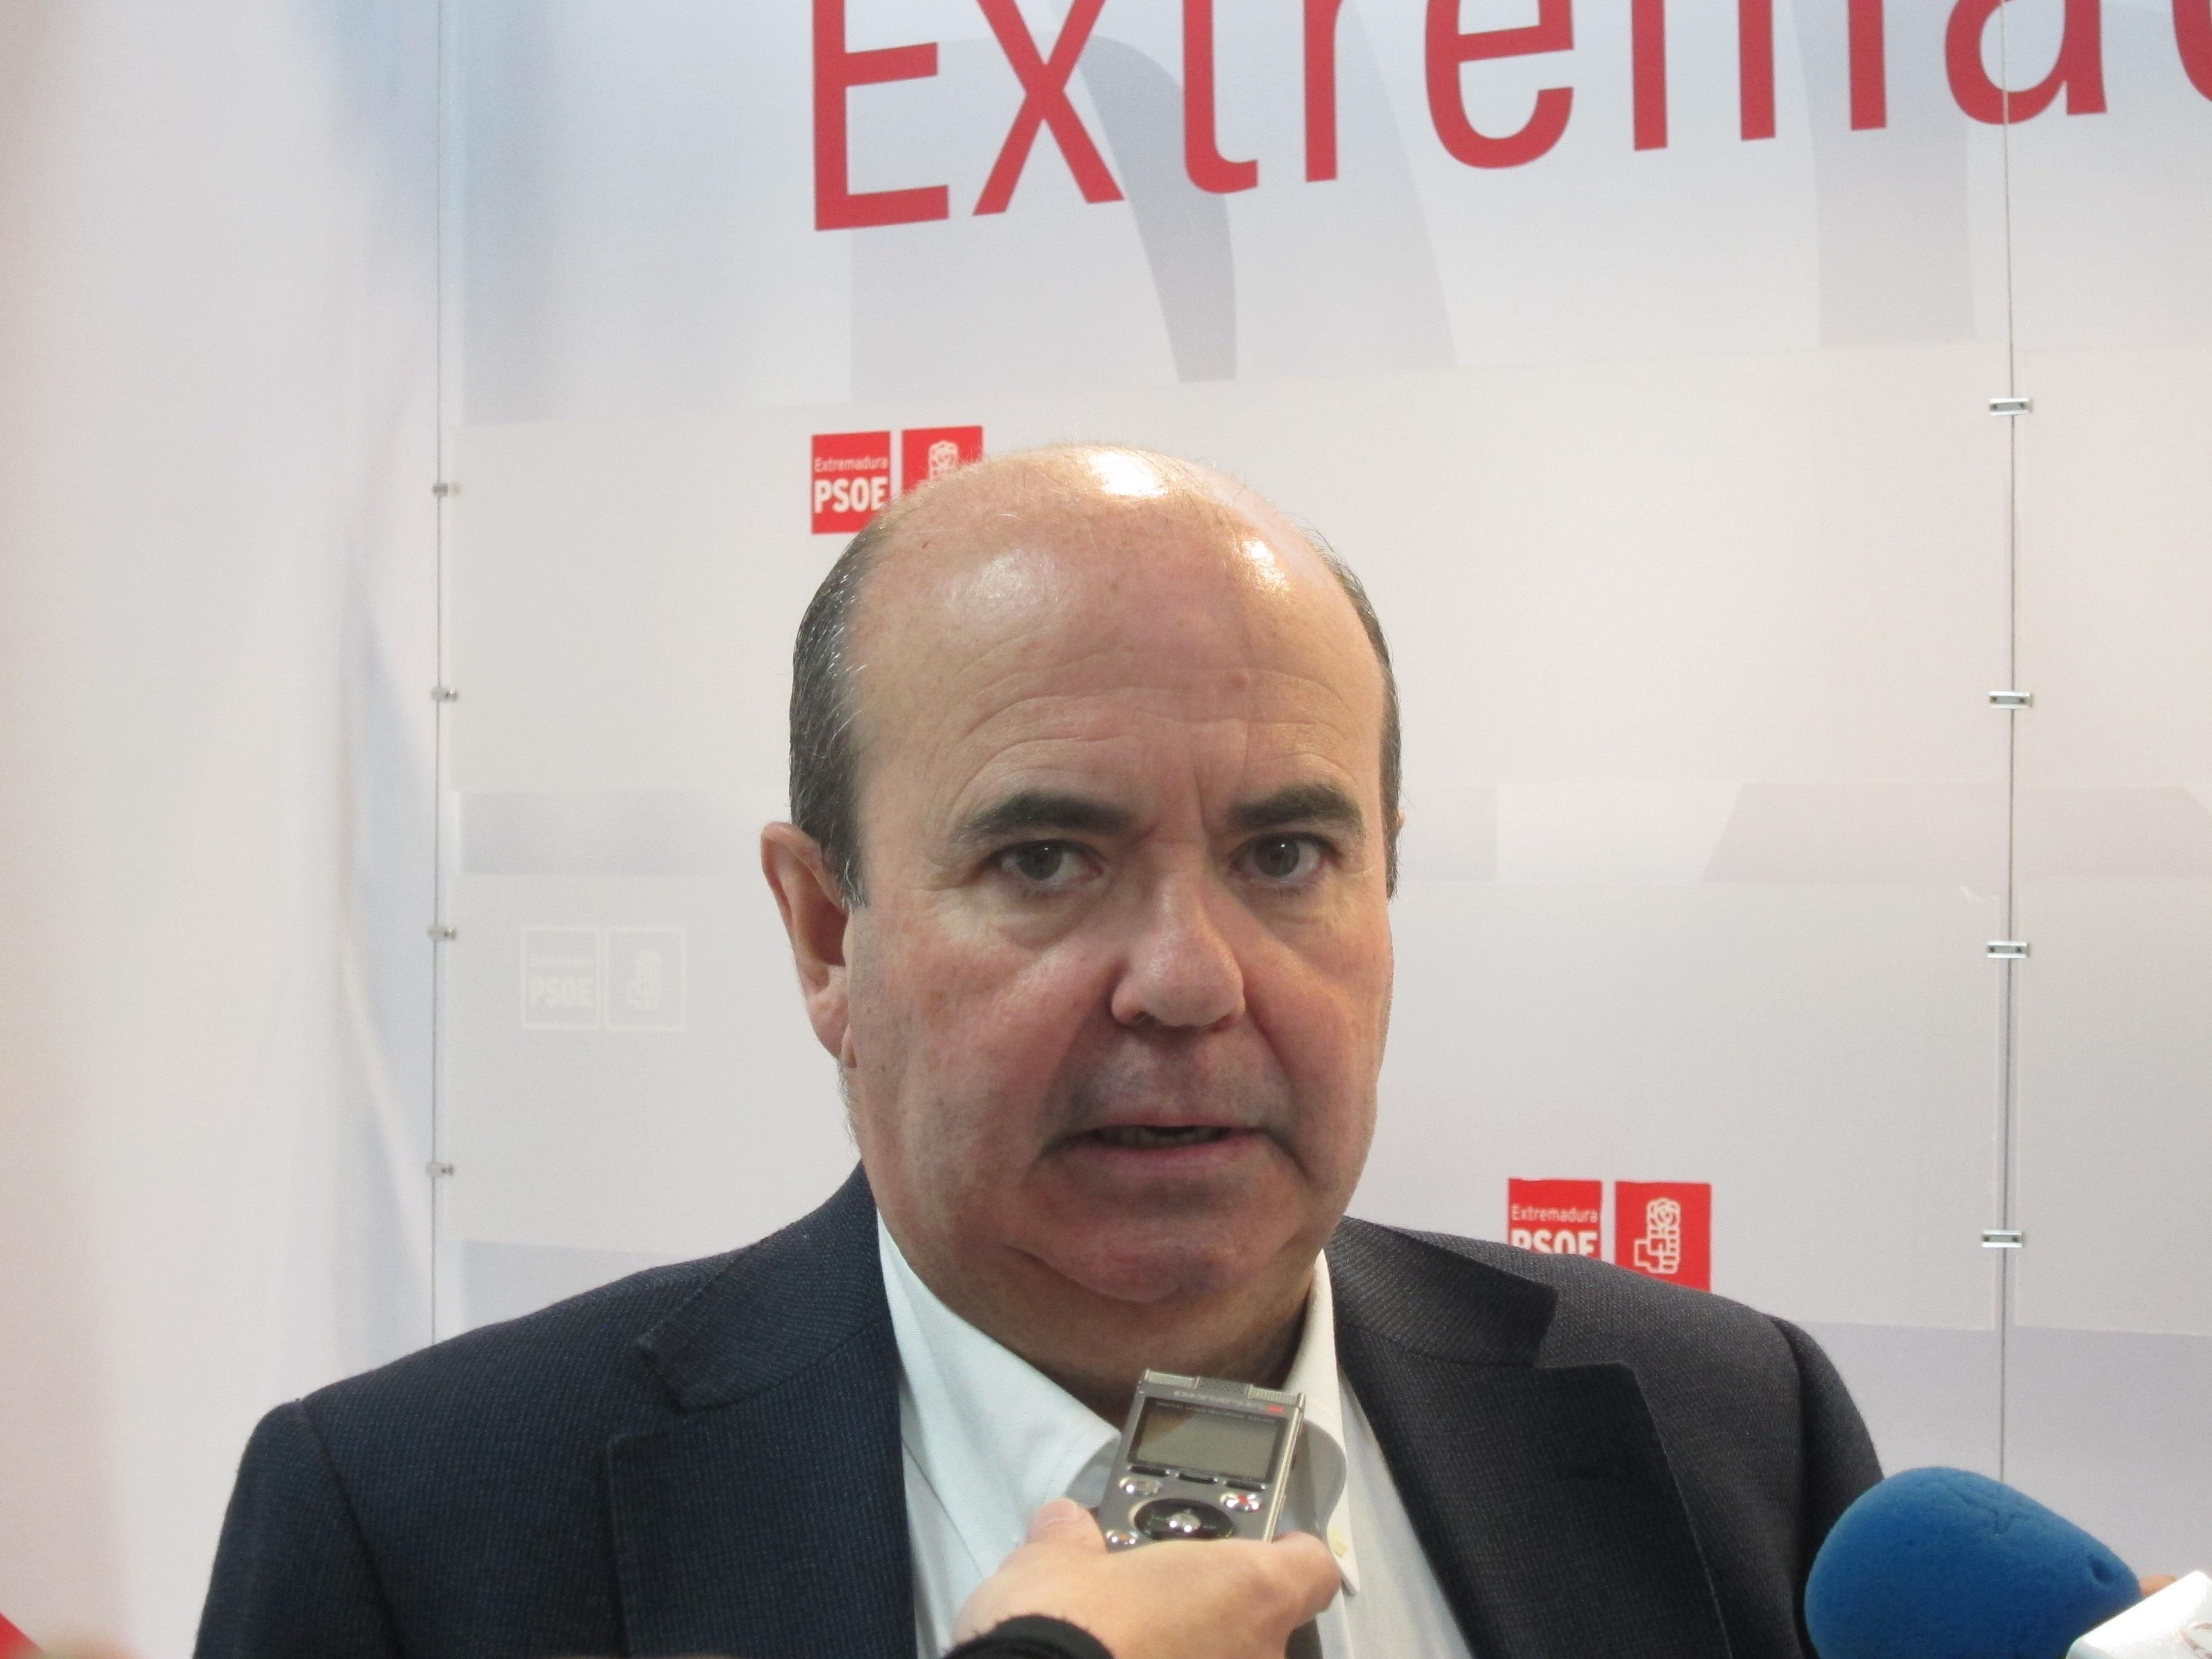 El PSOE estudia presentar ante el TC un conflicto de competencias en defensa de la autonomía local